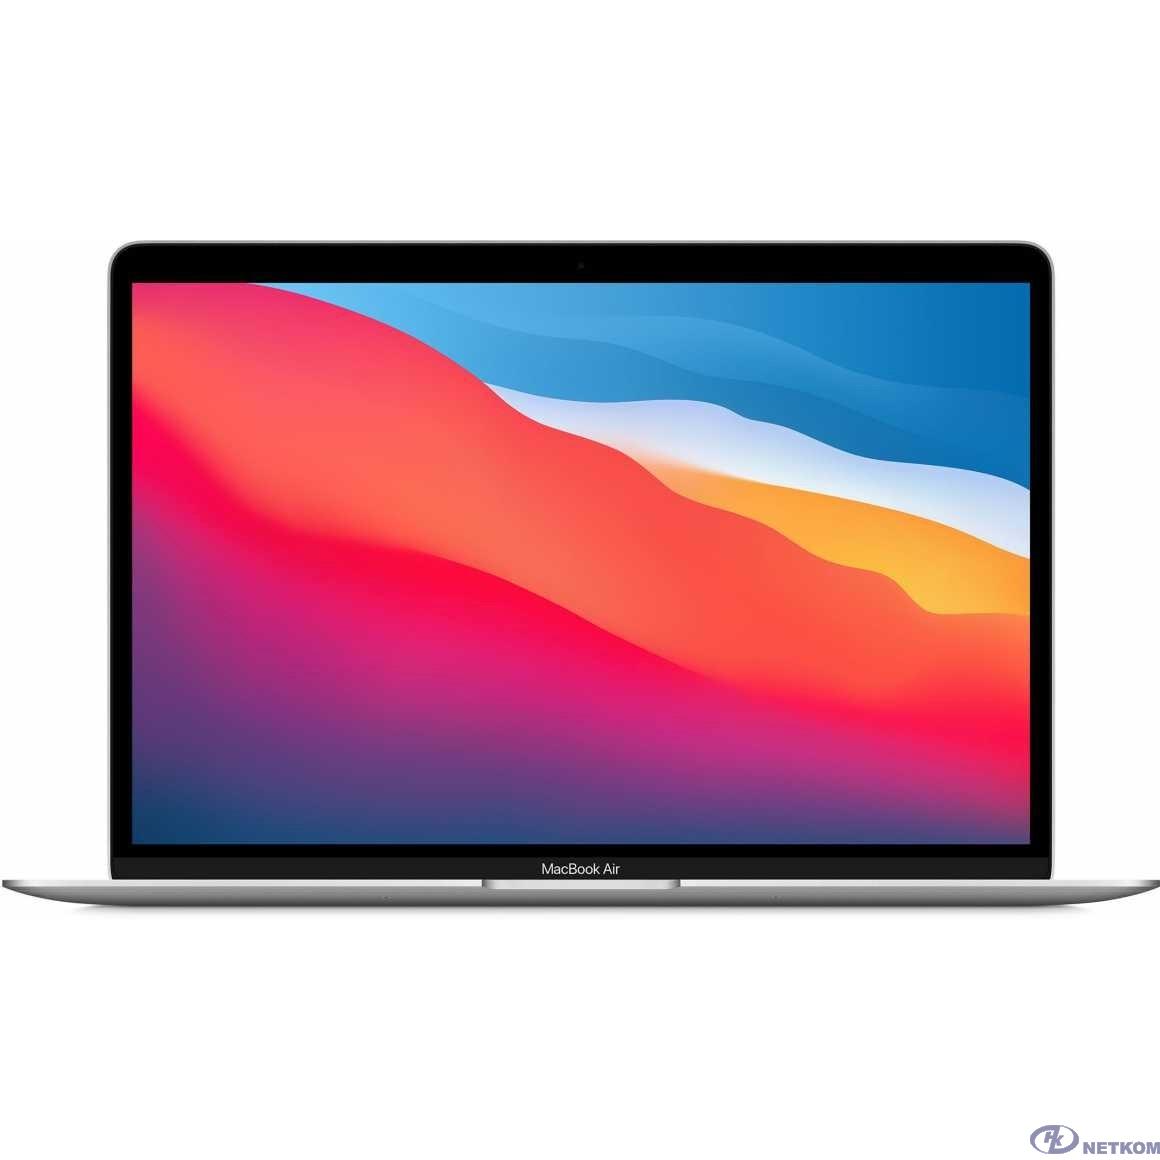 Apple MacBook Air 13 Late 2020 [MGN93RU/A] Silver 13.3'' Retina {(2560x1600) M1 chip with 8-core CPU and 7-core GPU/8GB/256GB SSD} (2020)